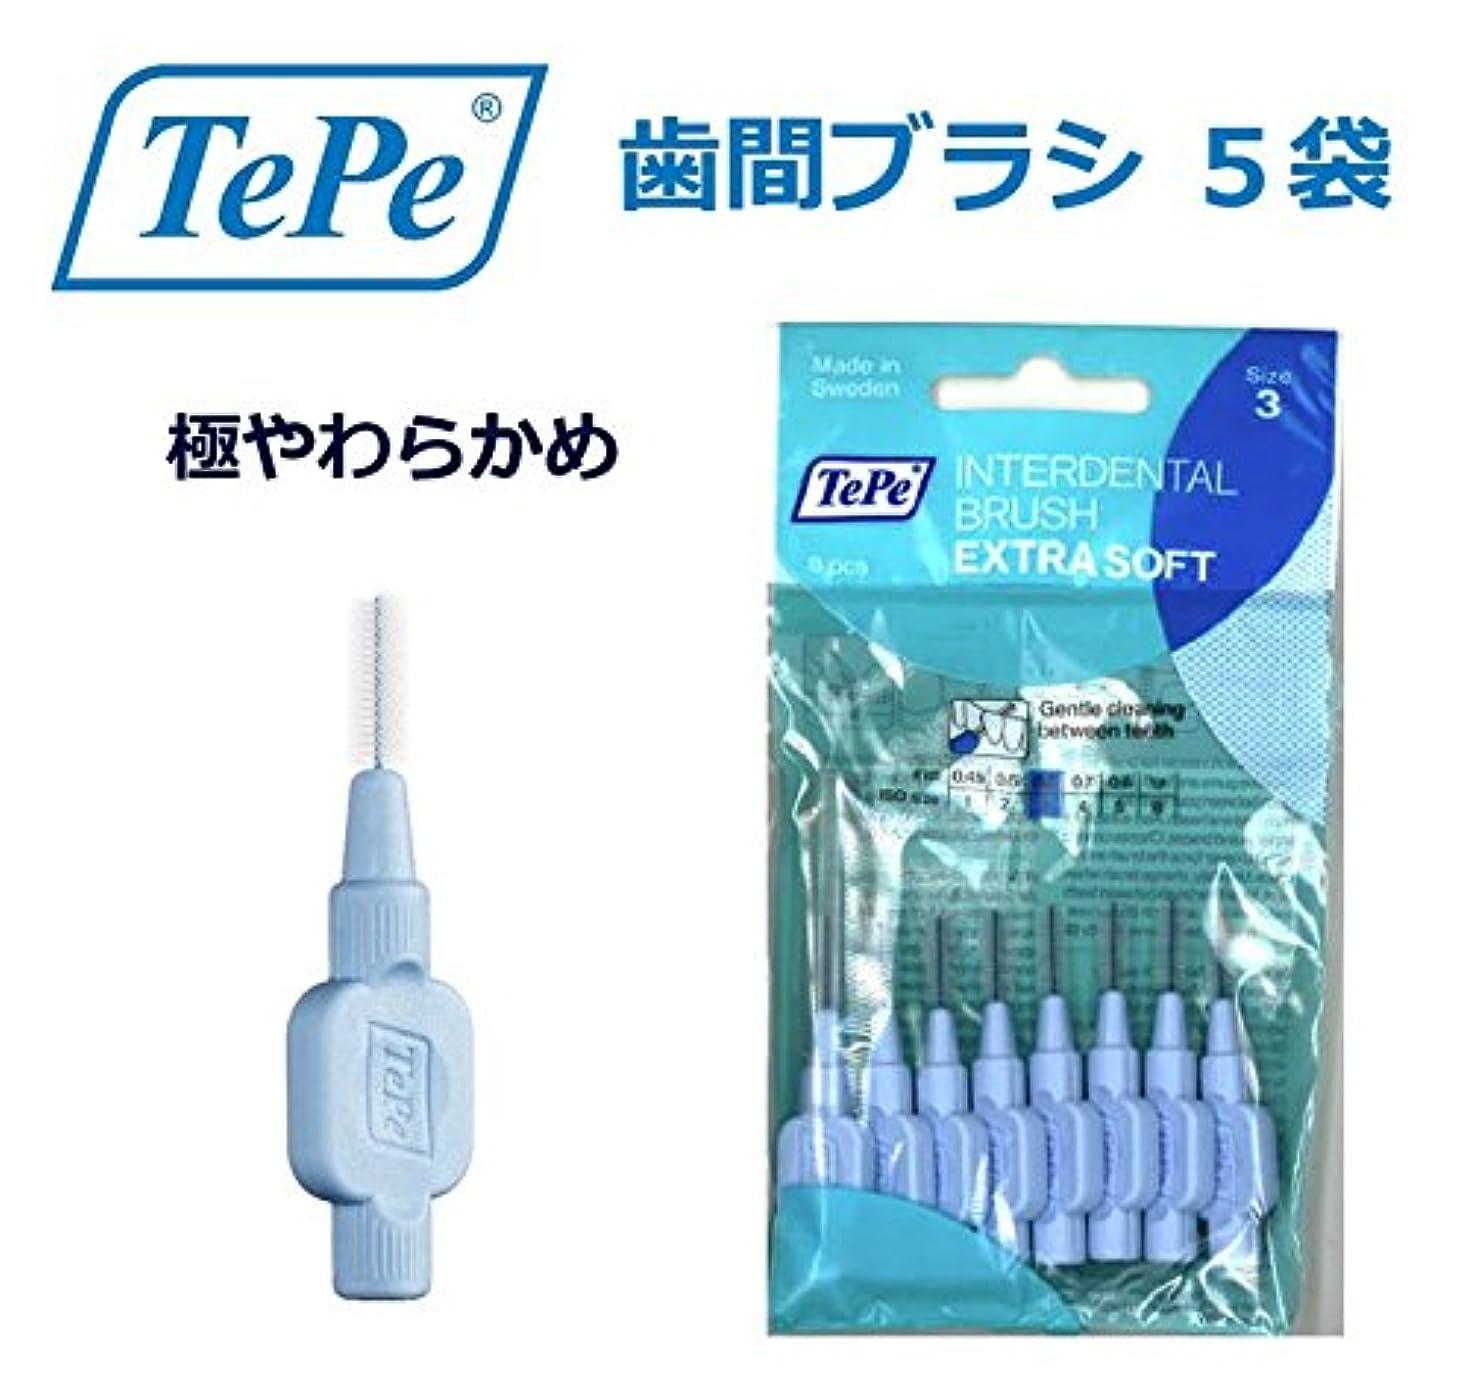 ステープルスピーチしゃがむテペ 歯間ブラシ 極やわらかめ(エクストラソフト) 0.6mm 5袋